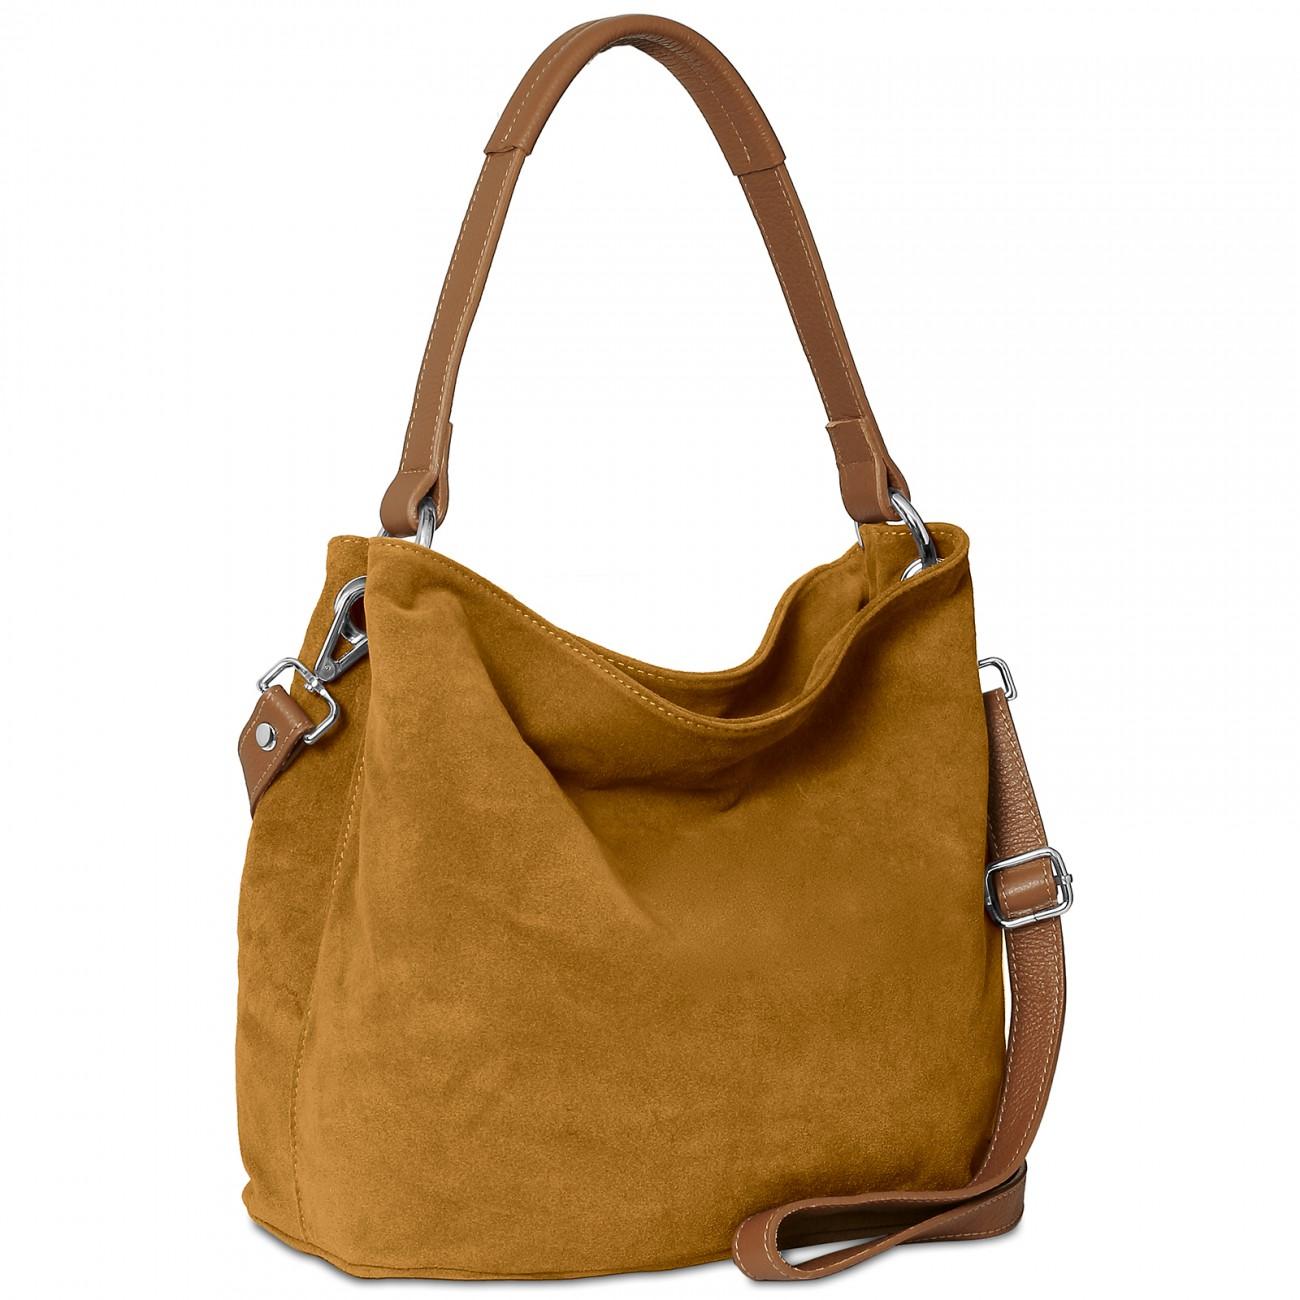 caspar tl580 damen handtasche aus hochwertigem wildleder taschen. Black Bedroom Furniture Sets. Home Design Ideas